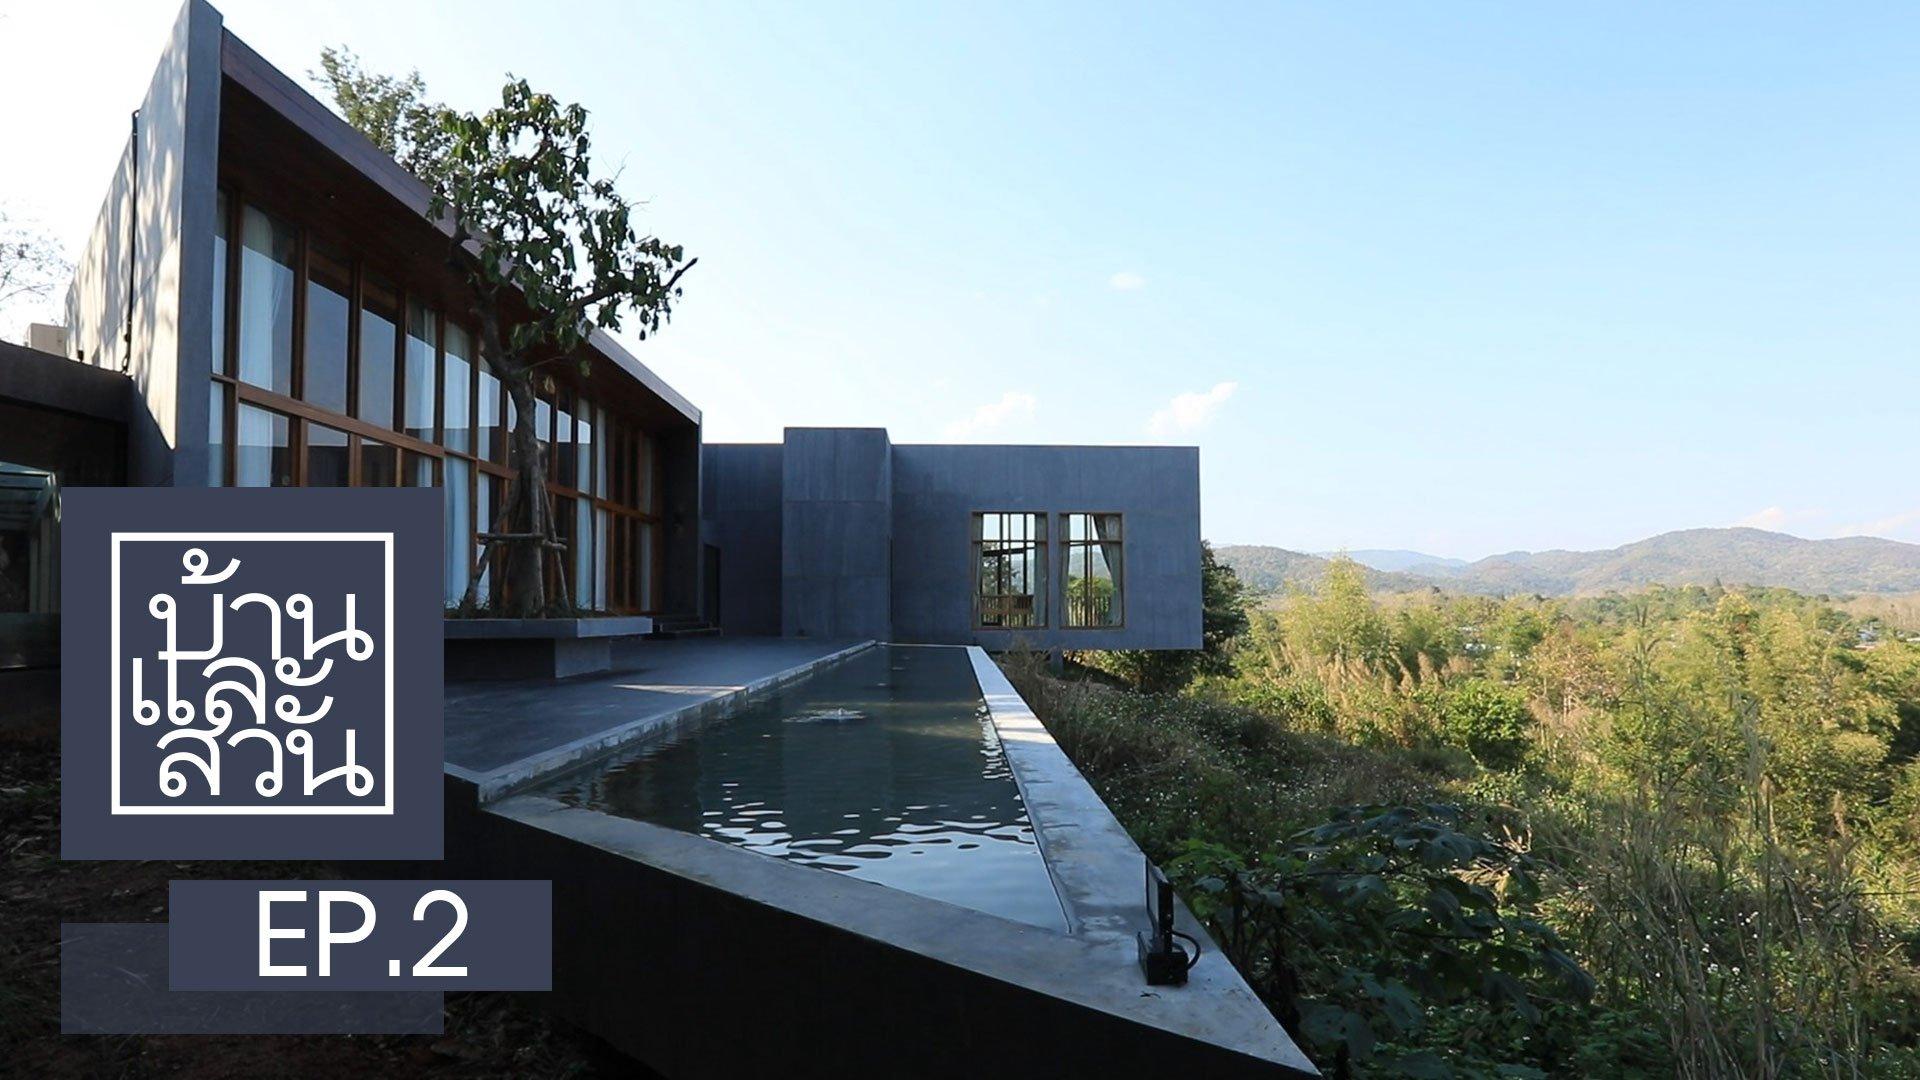 บ้านและสวน   EP.2   16 ก.พ. 63   AMARIN TVHD34